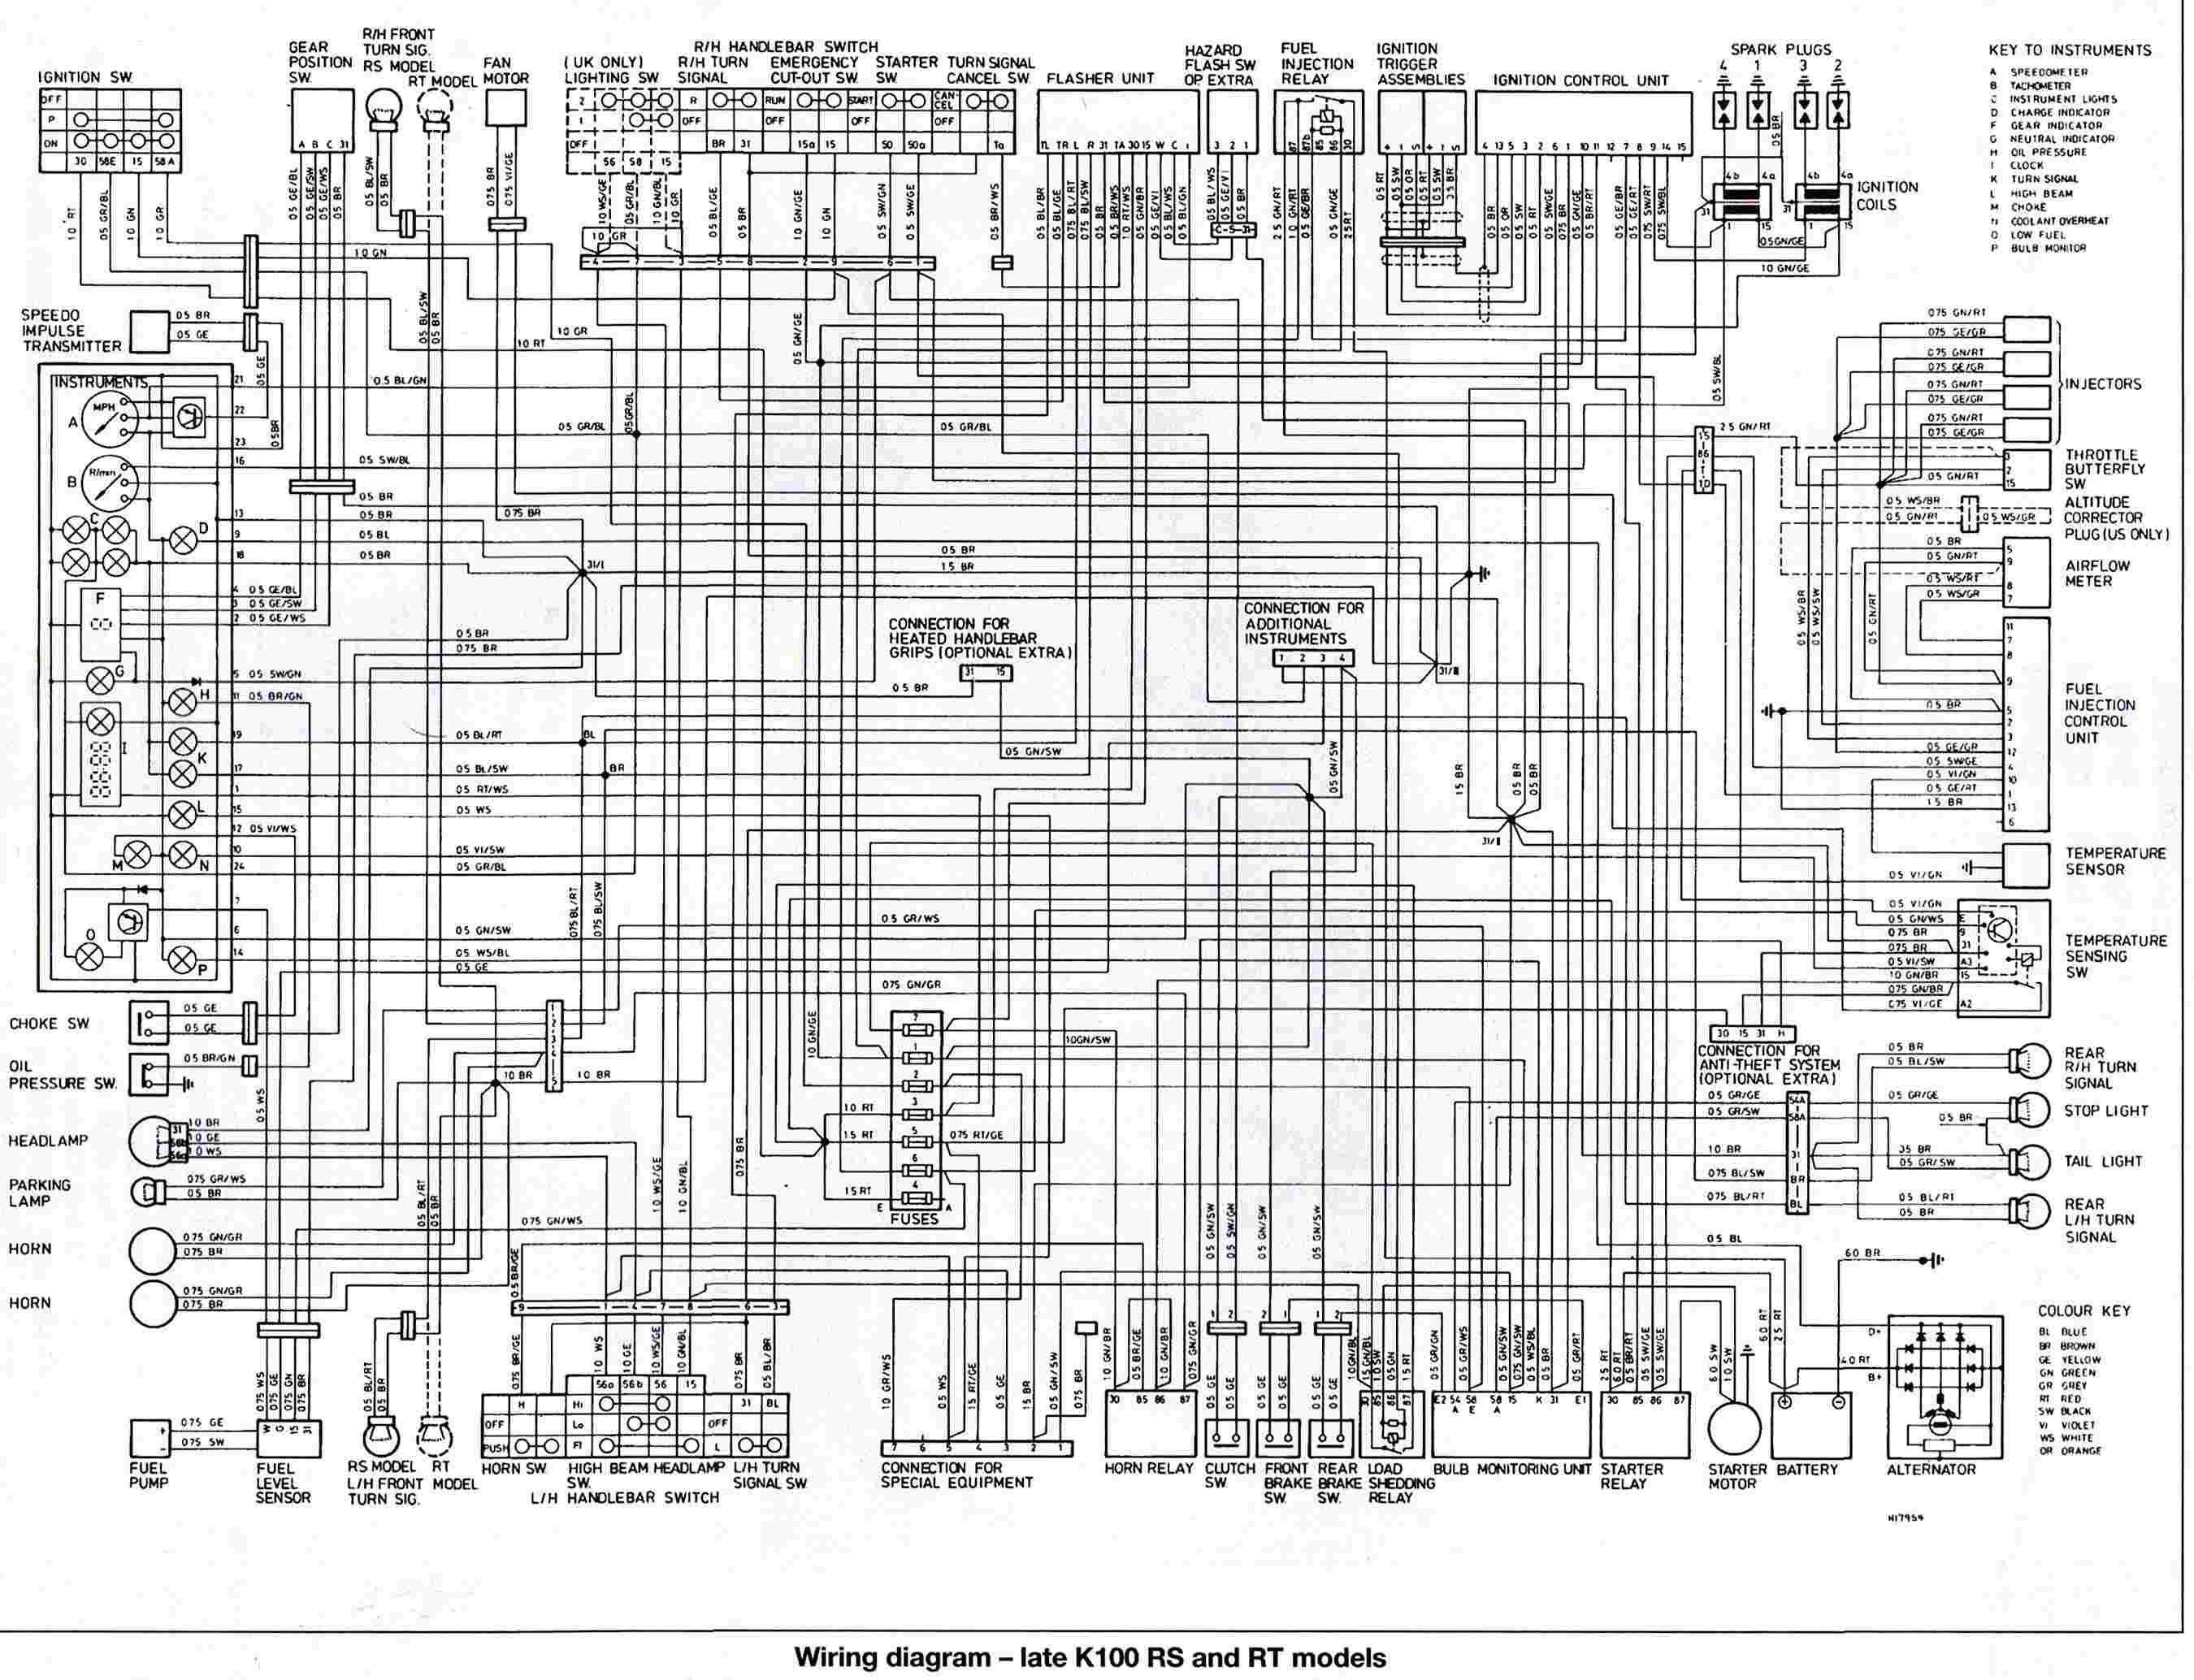 hight resolution of k100 wiring diagram wiring diagram page bmw k100 wiring diagrams wiring diagram k100 wiring diagram